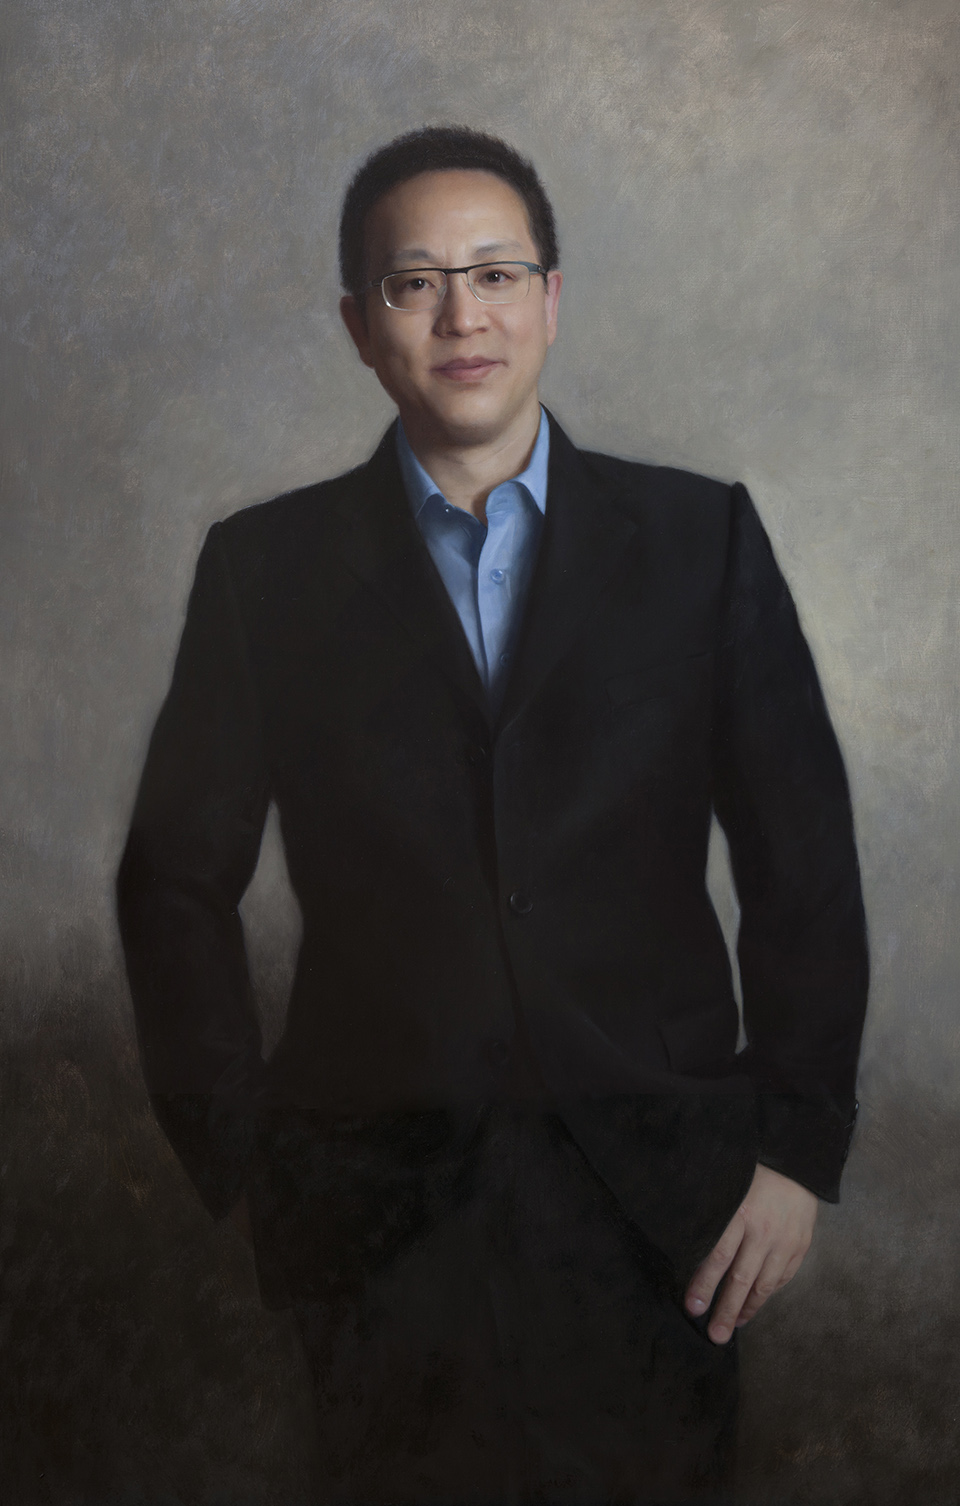 Mr Wan portrait web.jpg